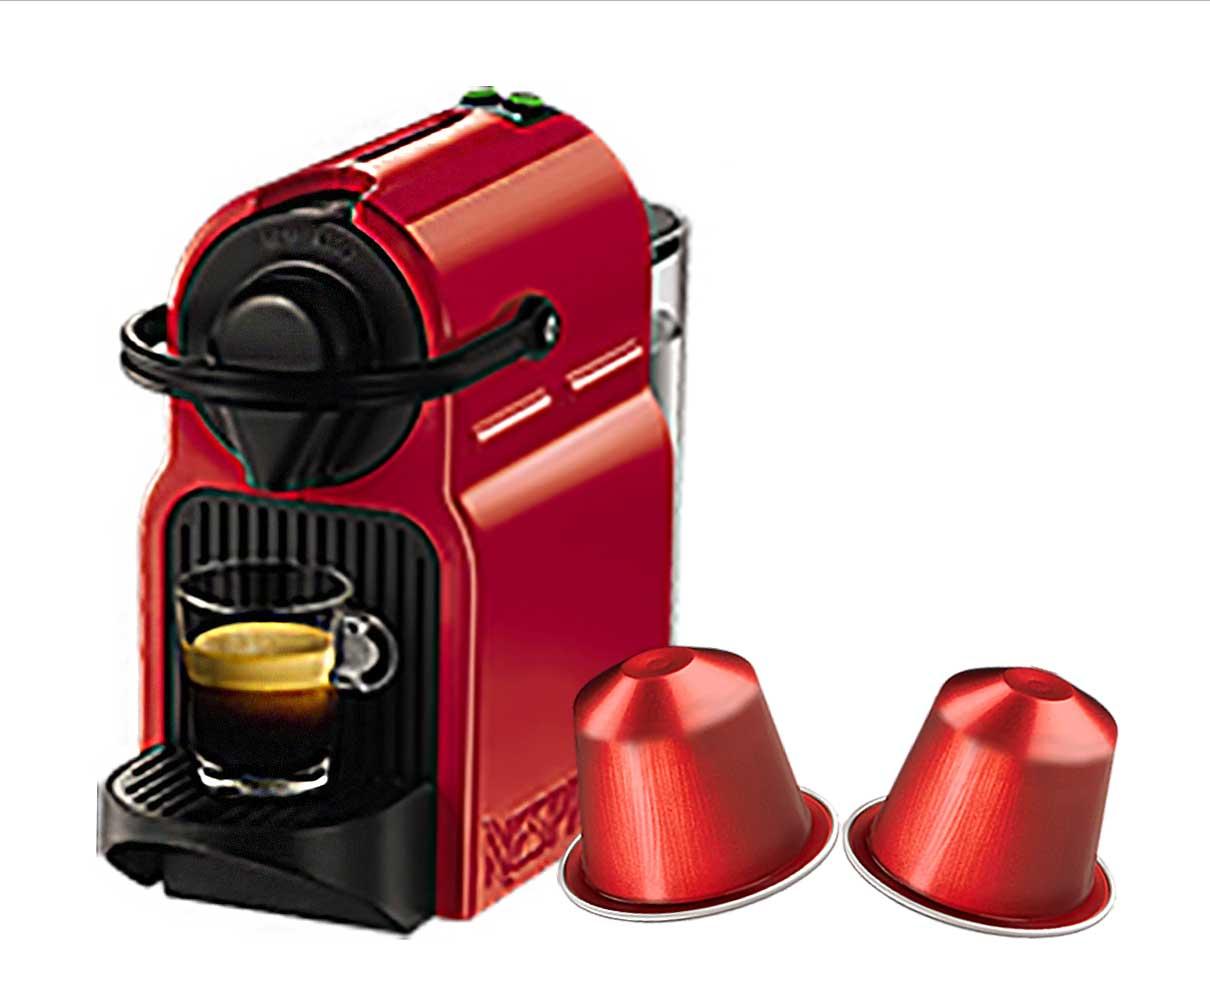 Macchina del caffè Nespresso originale con 100 capsule a scelta